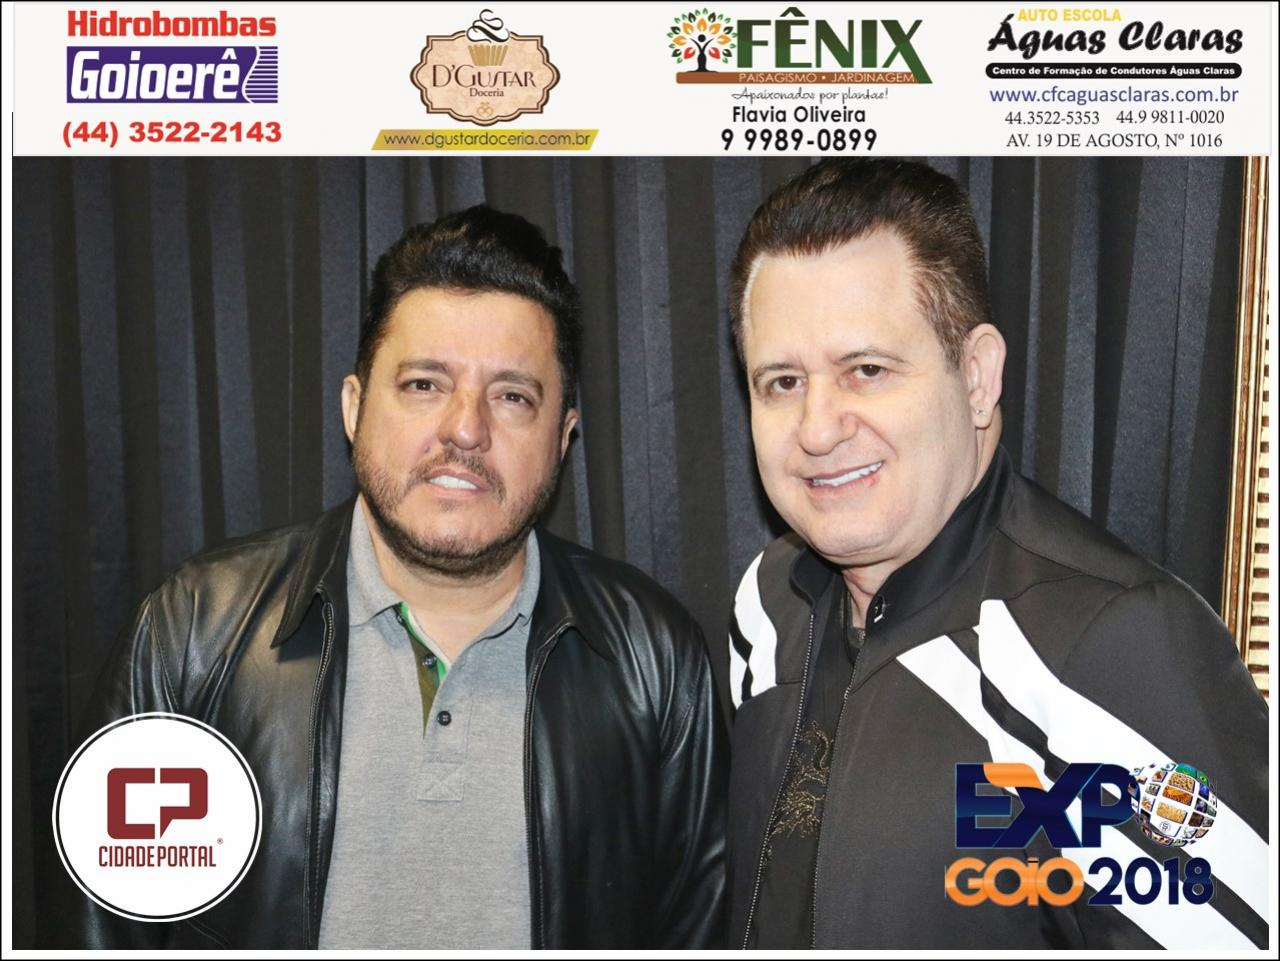 Expo Goio 2018 - Fotos de Sexta Feira, Show com Bruno e Marrone